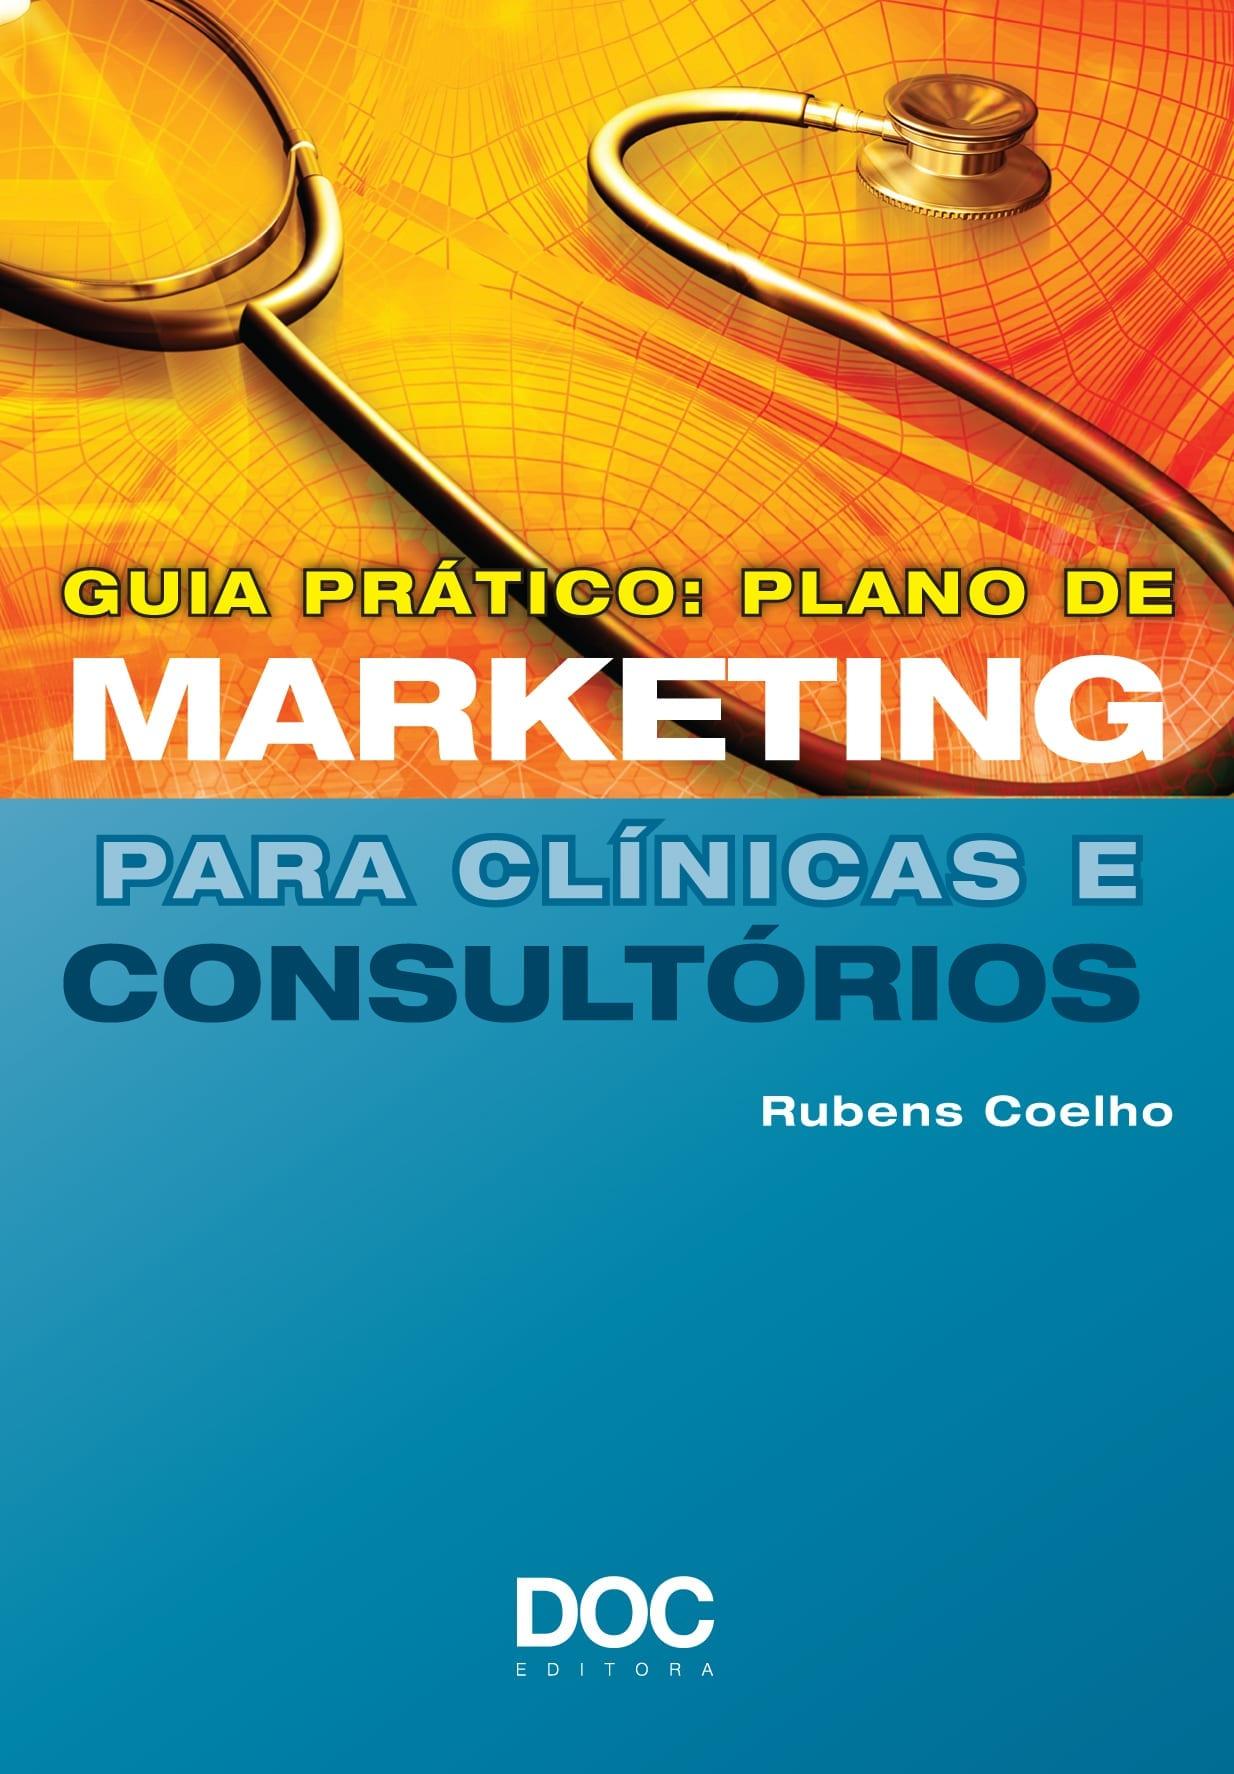 WhatsApp para clínicas e consultórios